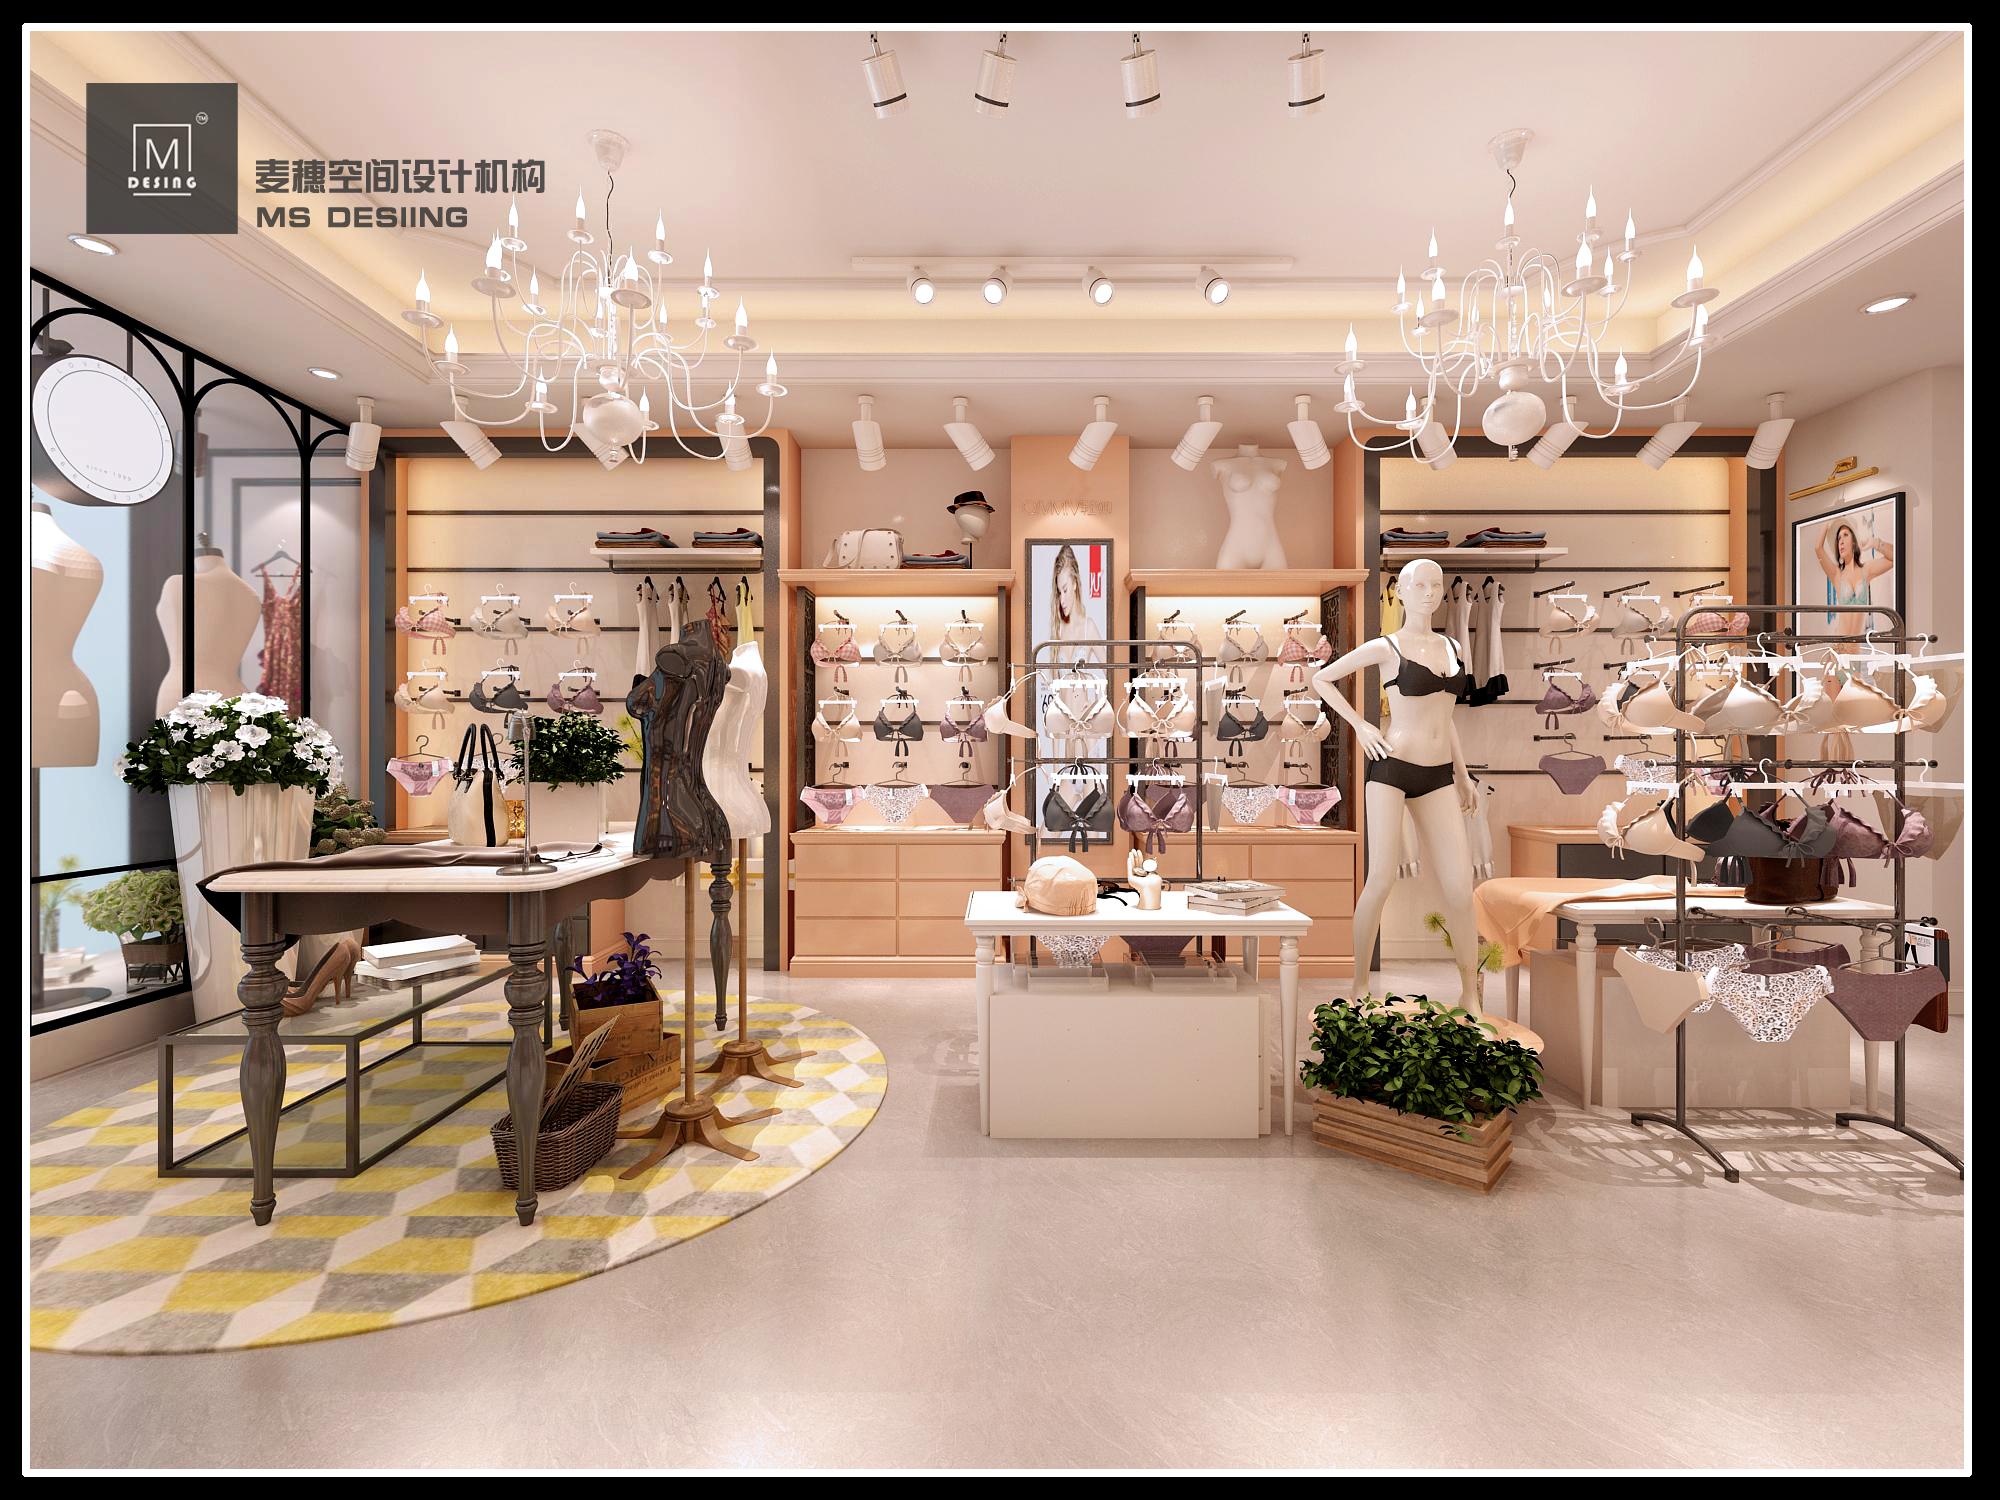 【麦穗】内衣店设计服装店设计专卖店设计效果图室内设计施工图